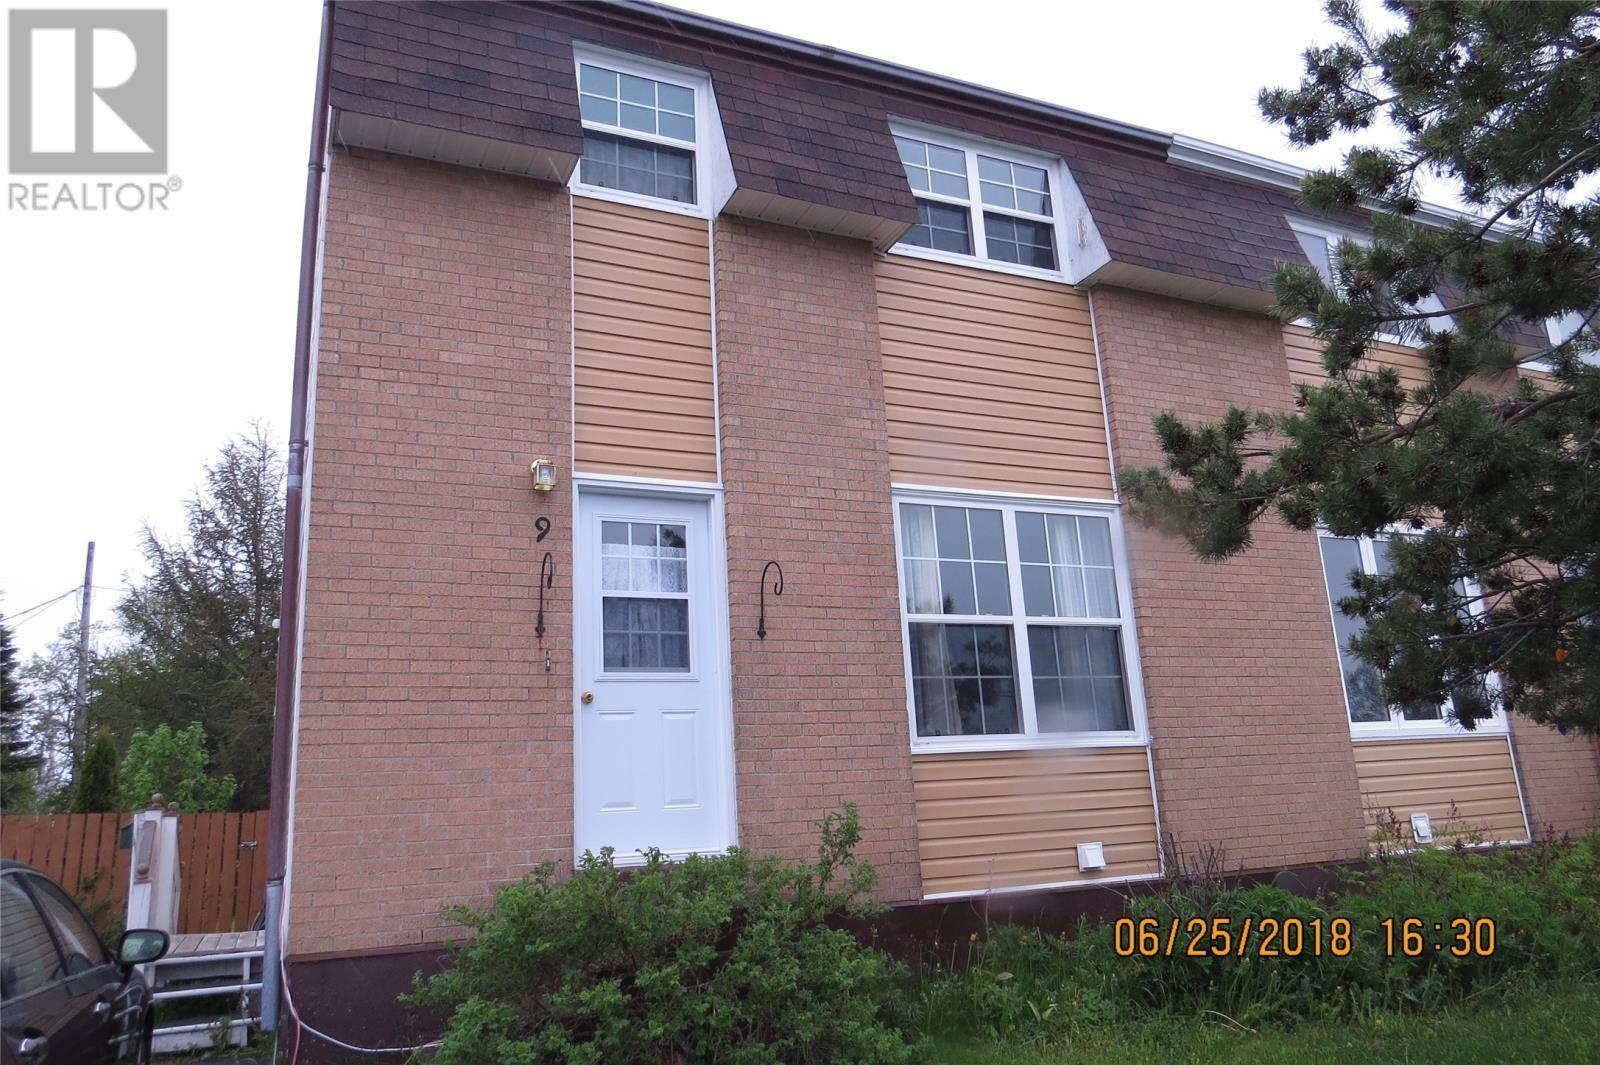 House for sale at 9 Johnson St Gander Newfoundland - MLS: 1178500